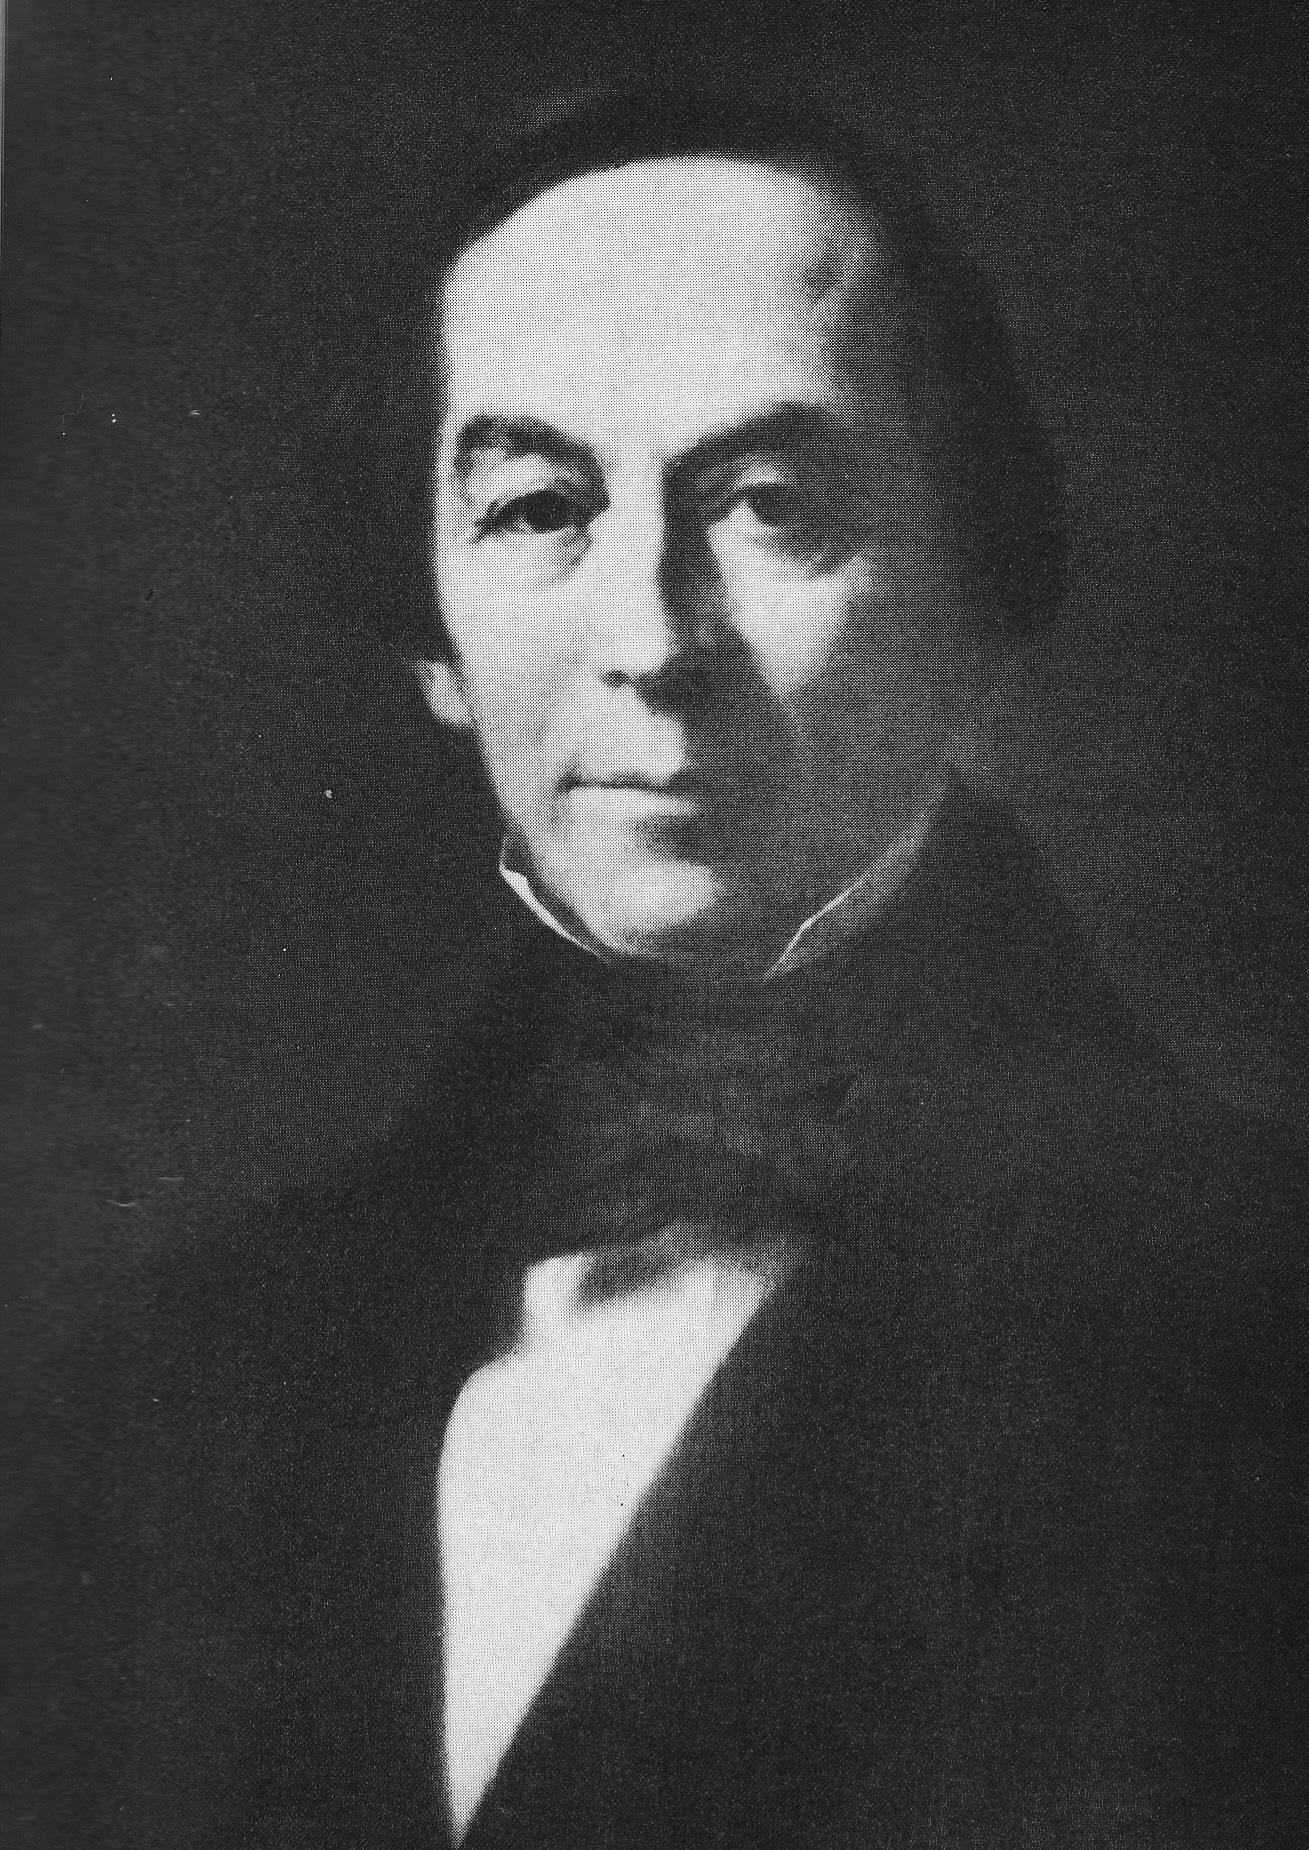 August von Bethmann-Hollweg